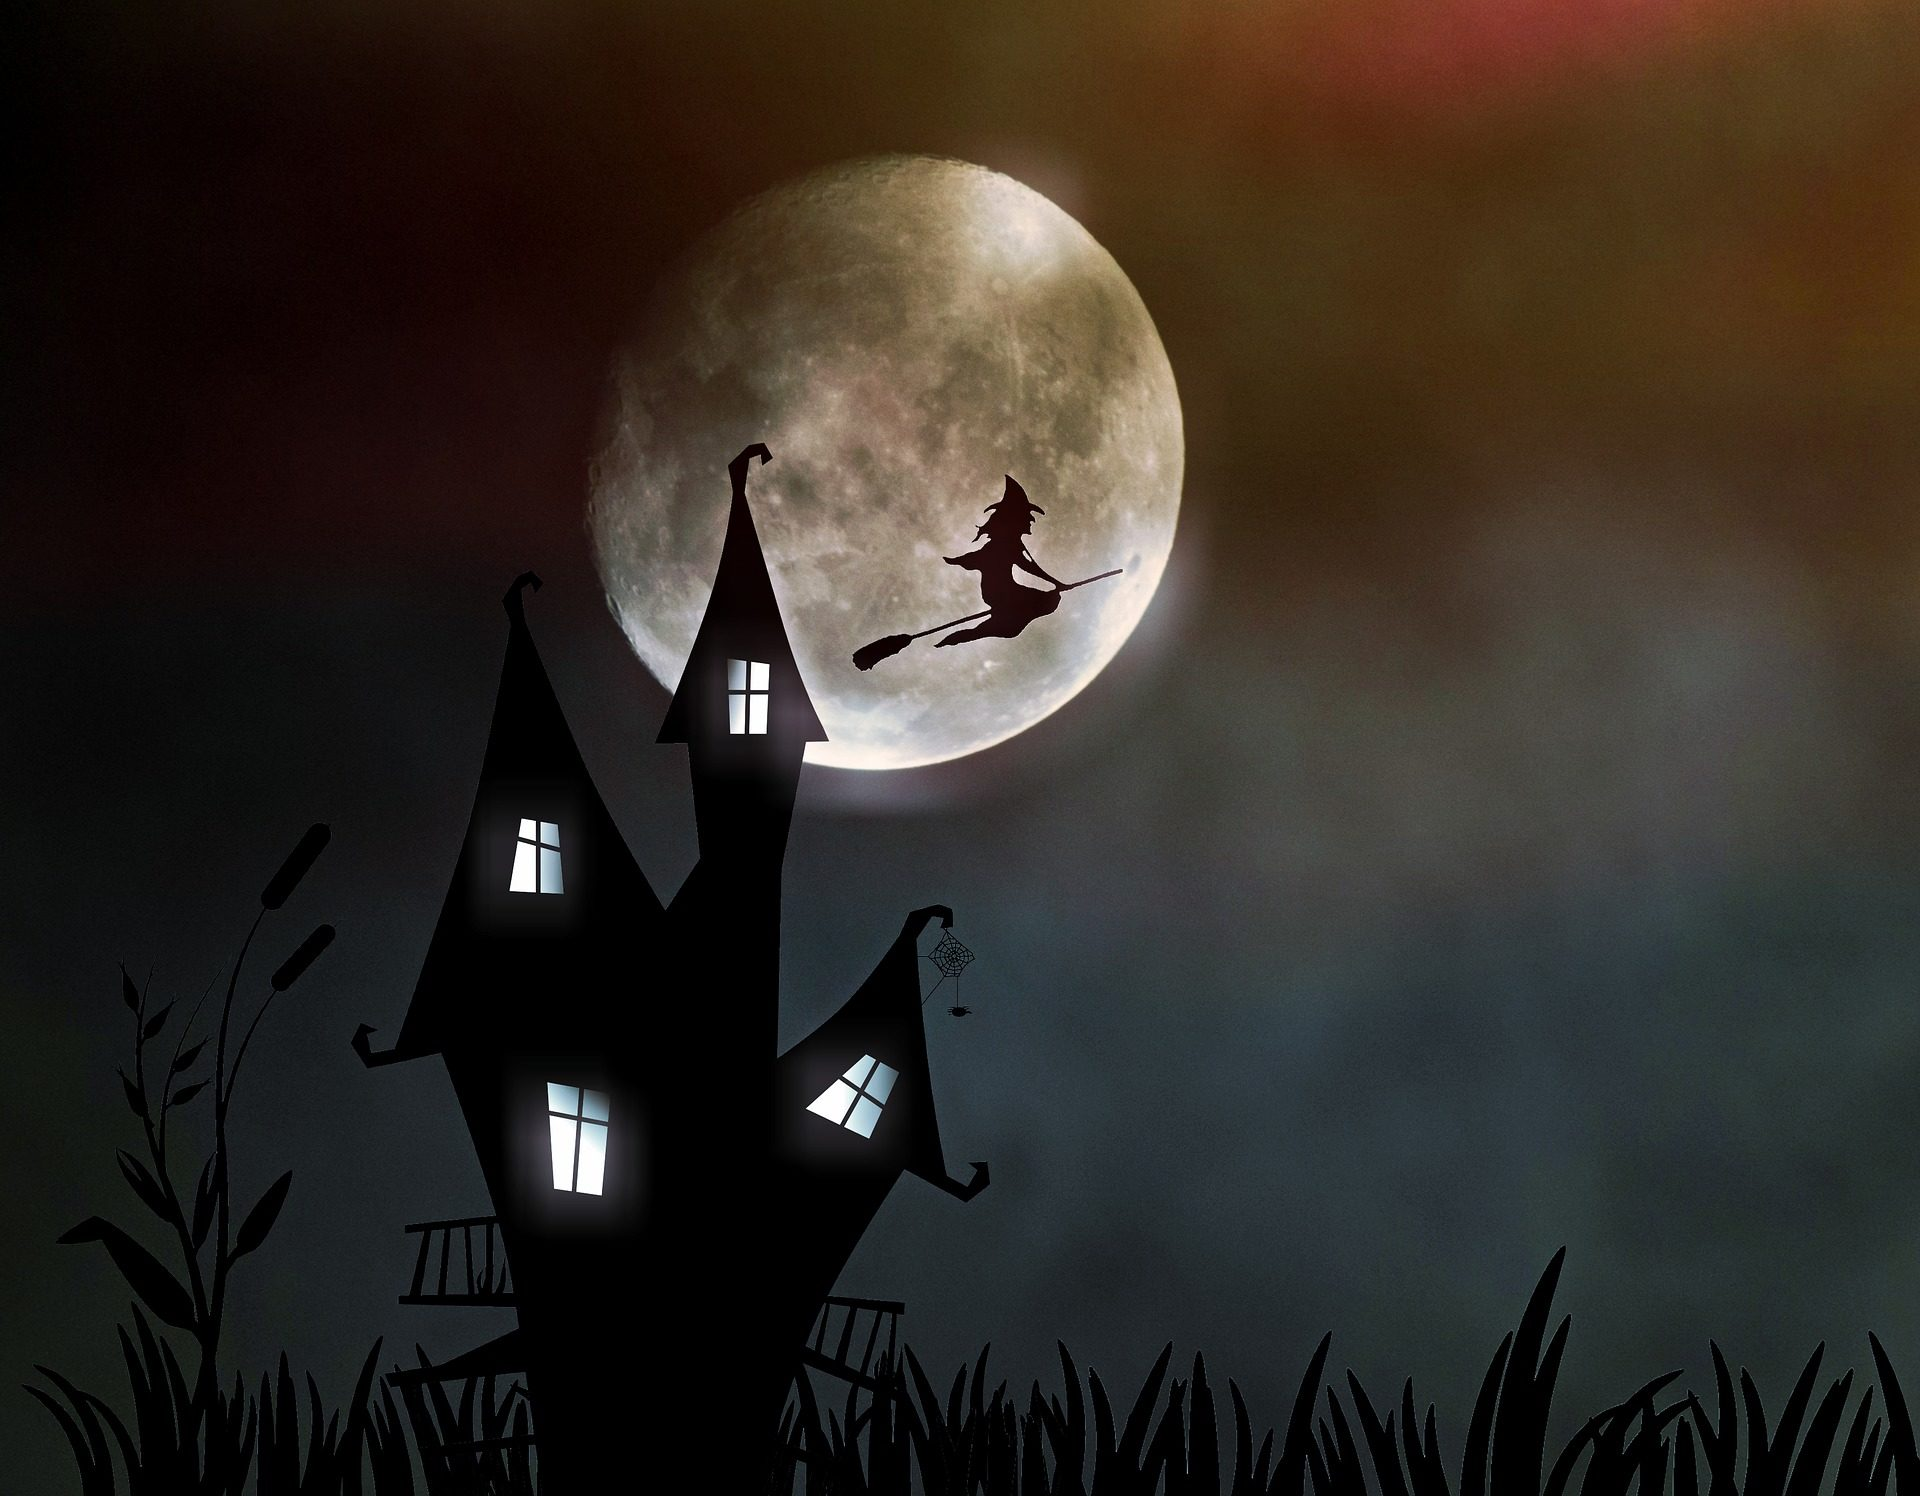 sorcière, Maison, Lune, horreur, peur, Halloween - Fonds d'écran HD - Professor-falken.com